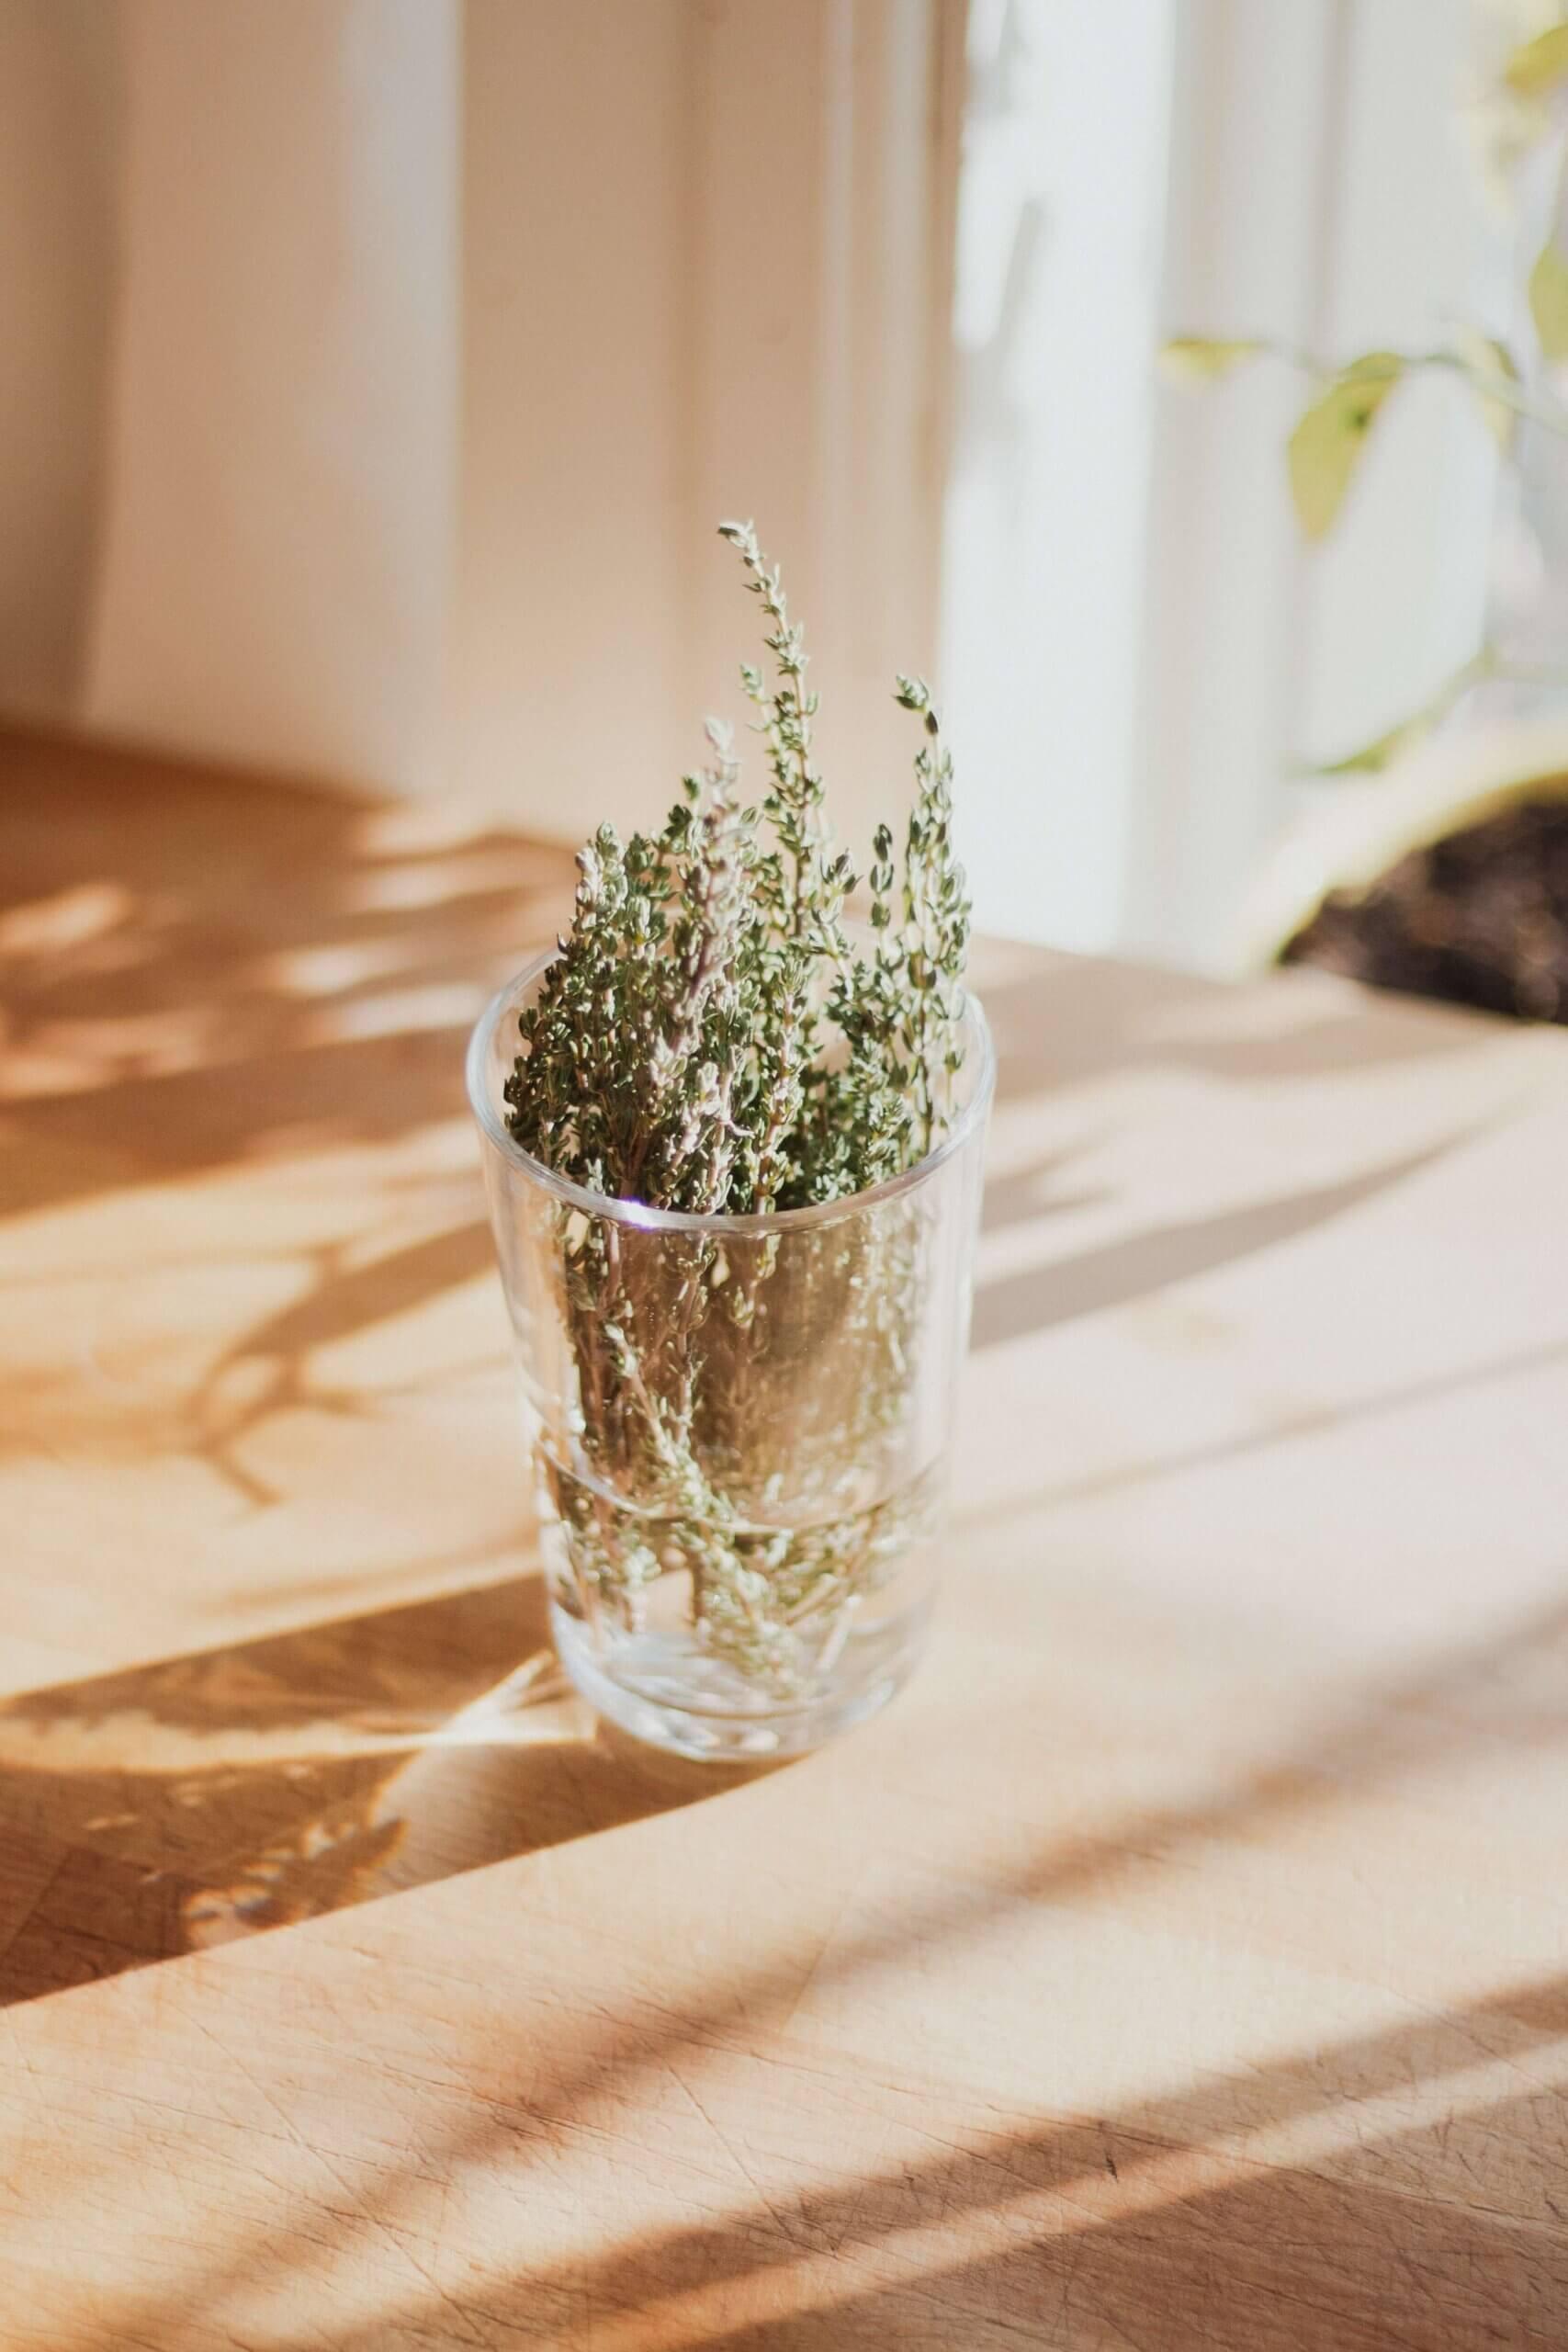 Bild von Thymian im Glas